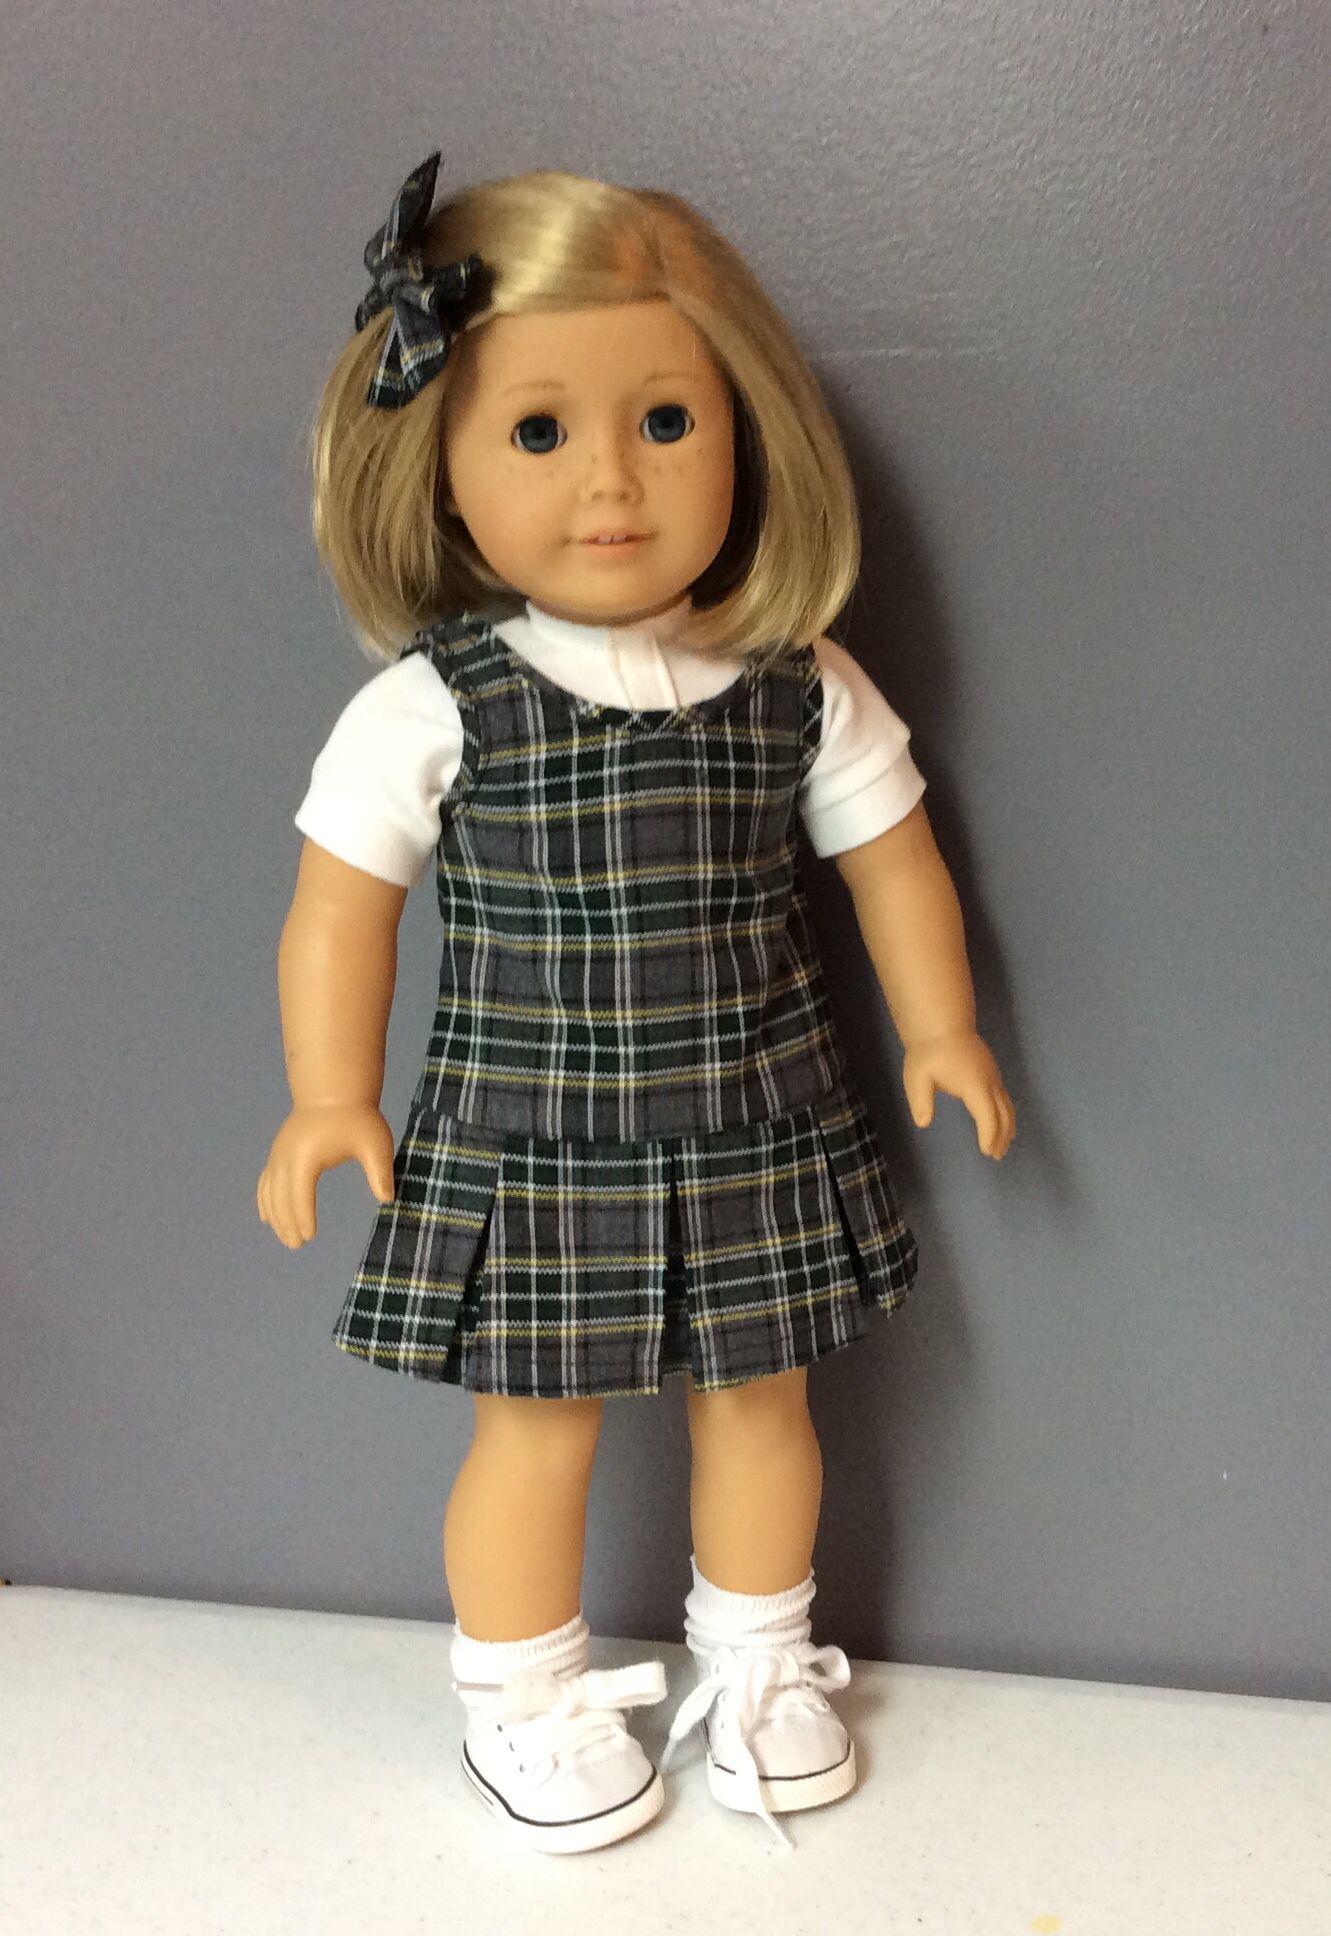 School Uniform For American Girl Dolls